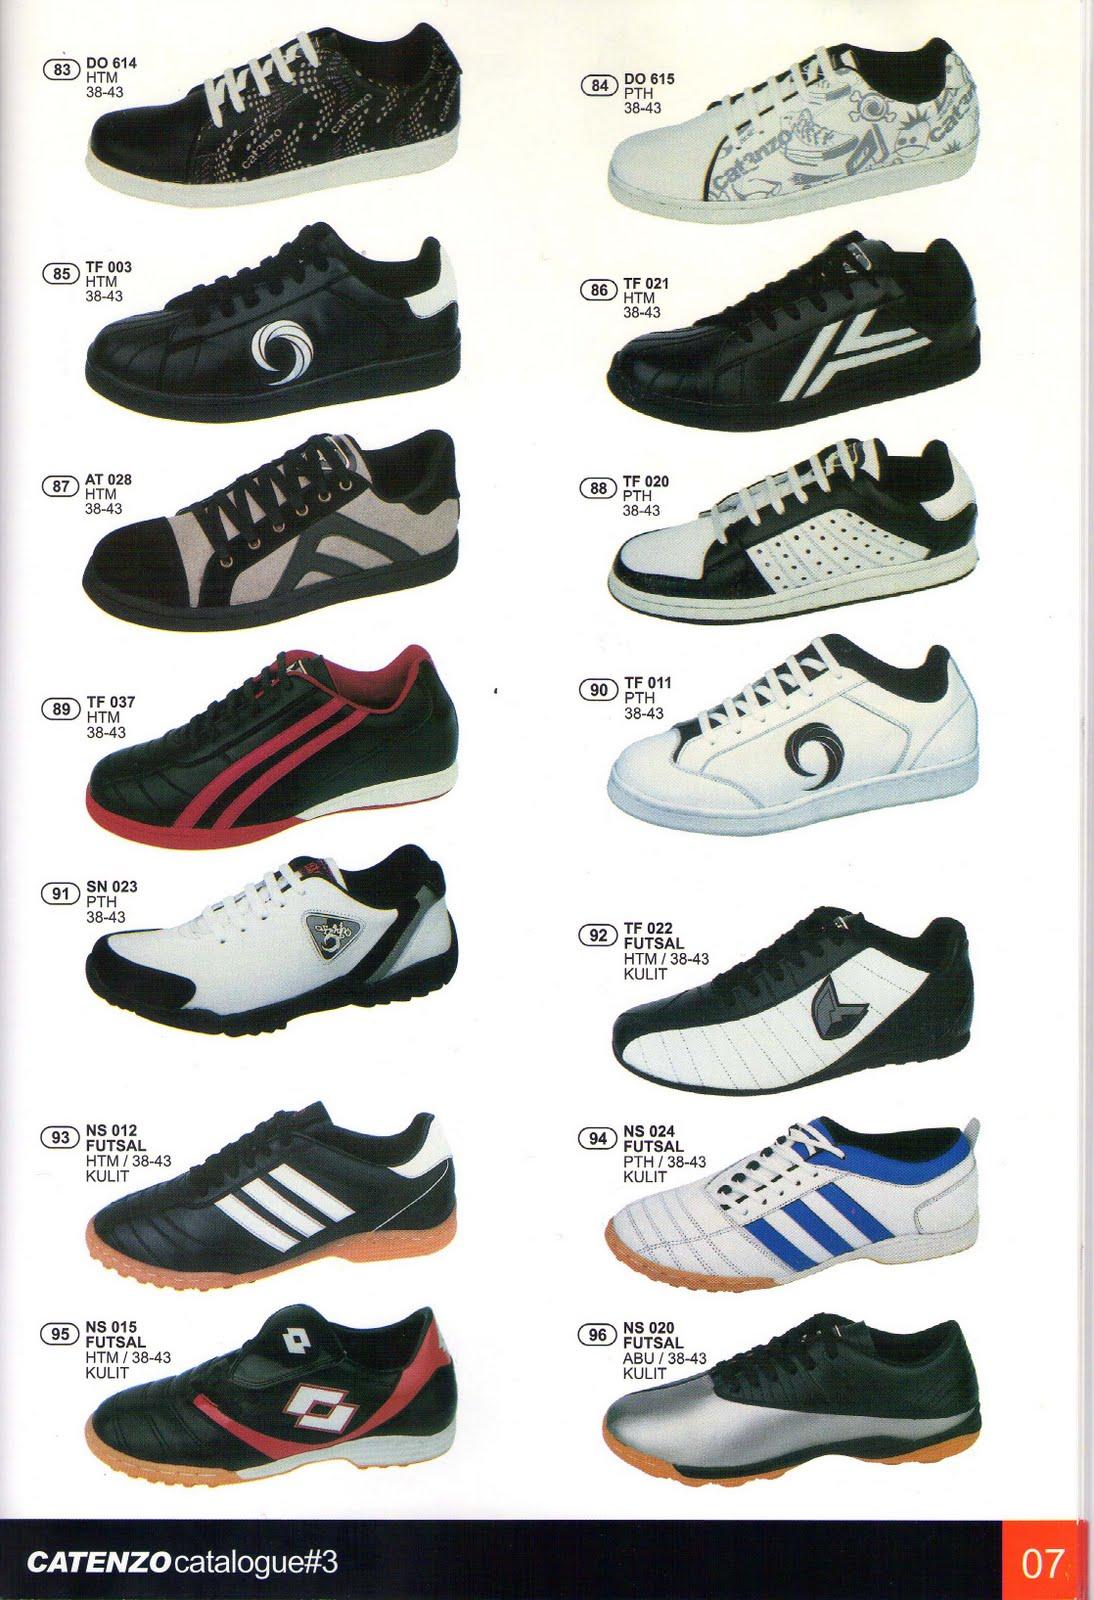 Footage Sandal Pria6 Daftar Harga Terbaik Dan Terlengkap Indonesia Dksh Premium Quality Wanita Glff 278 Sepatu Pria 6